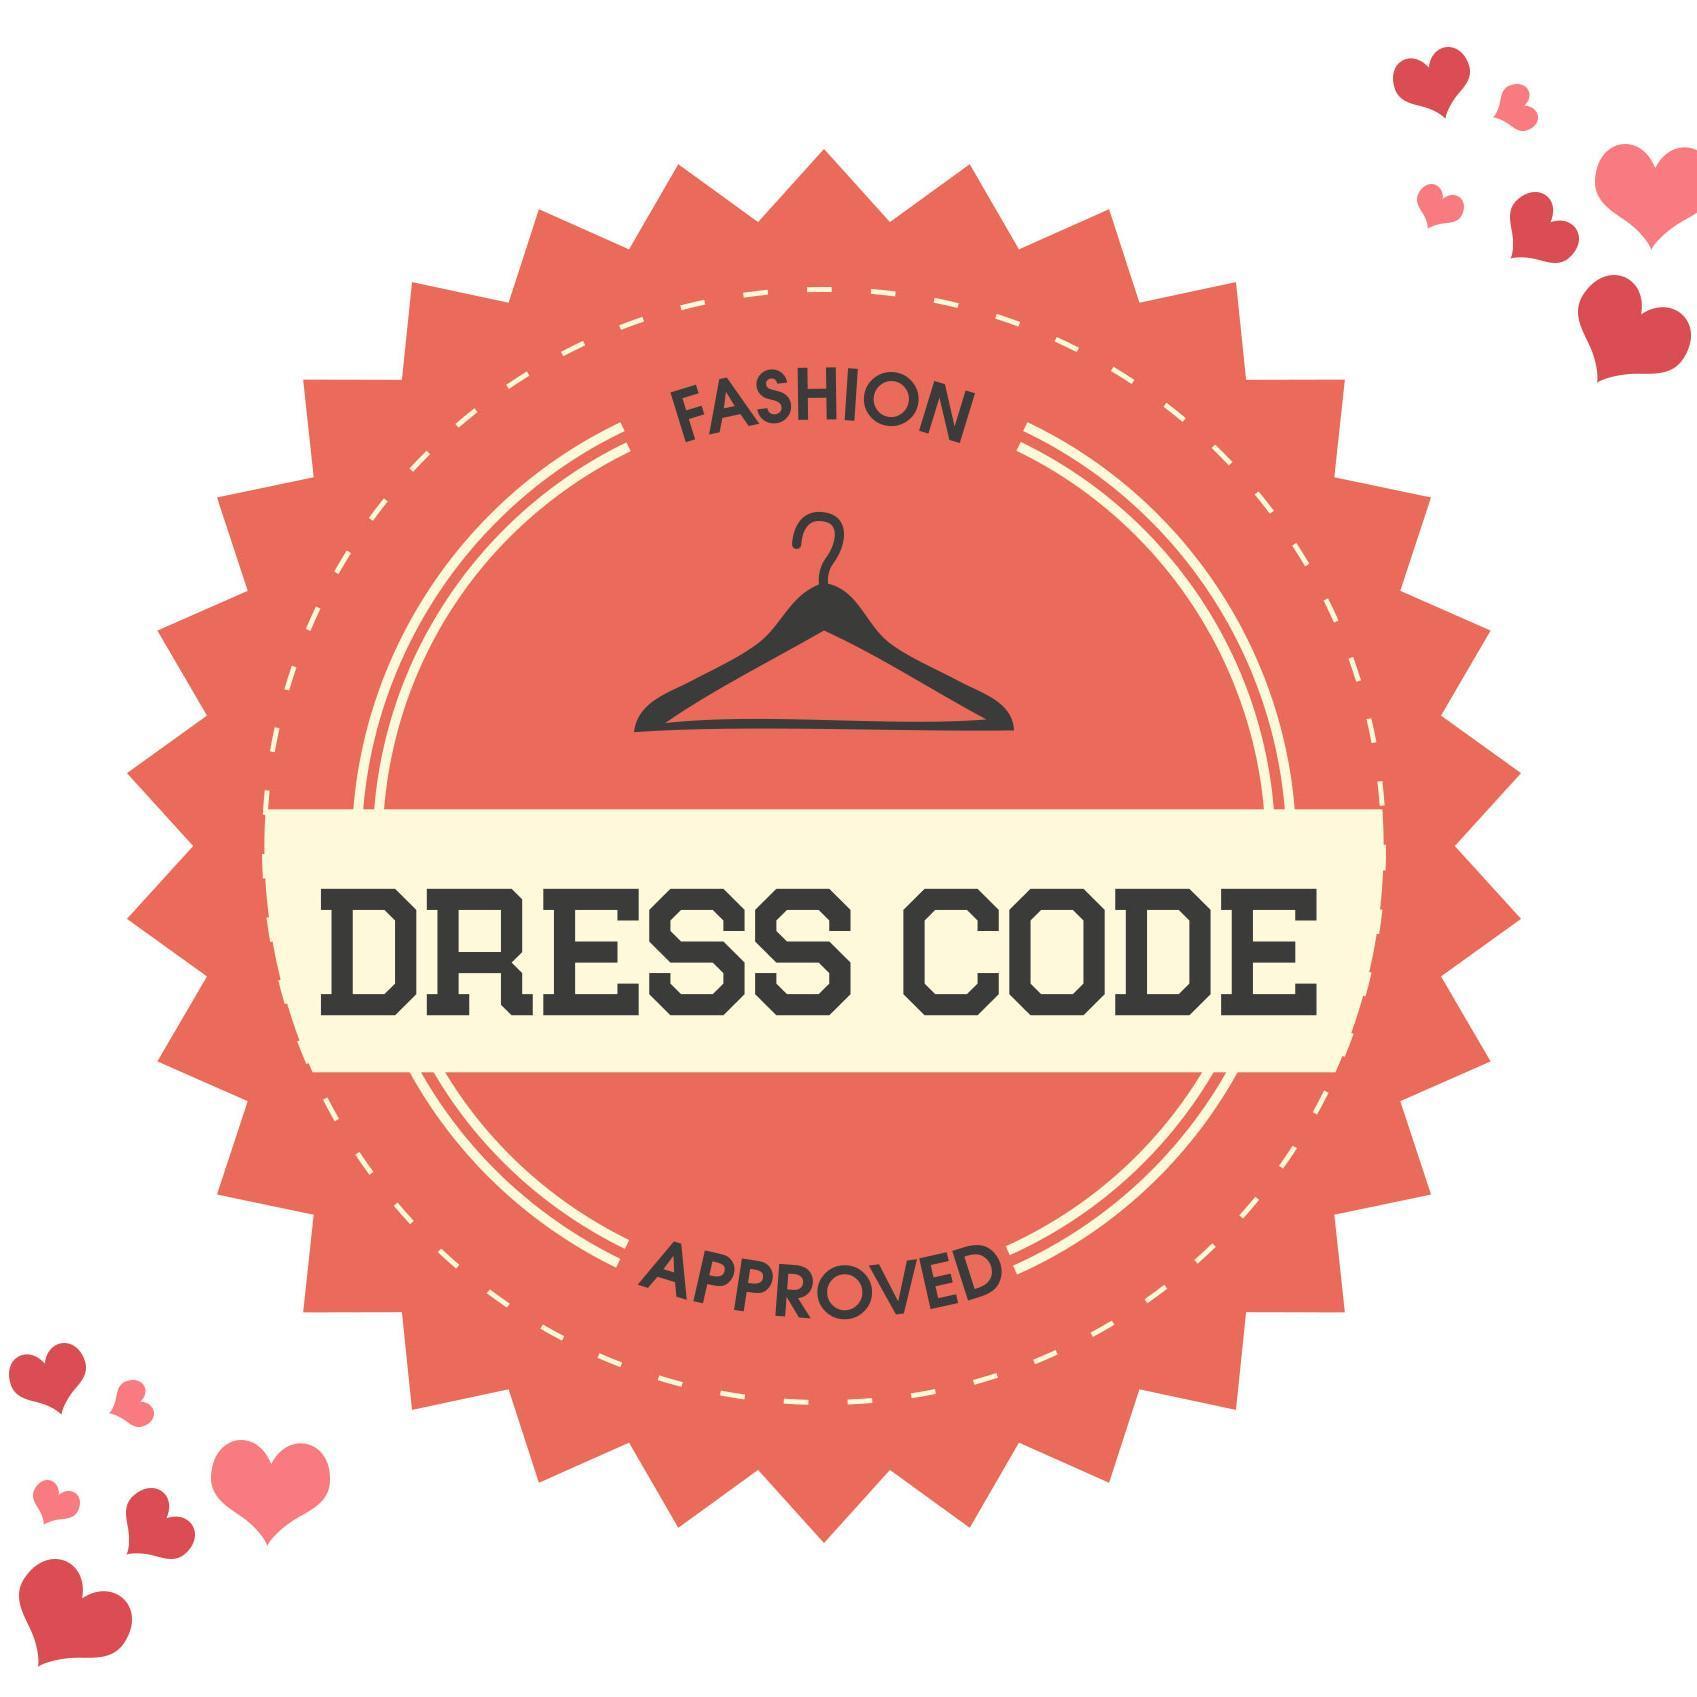 dresscode deutsch